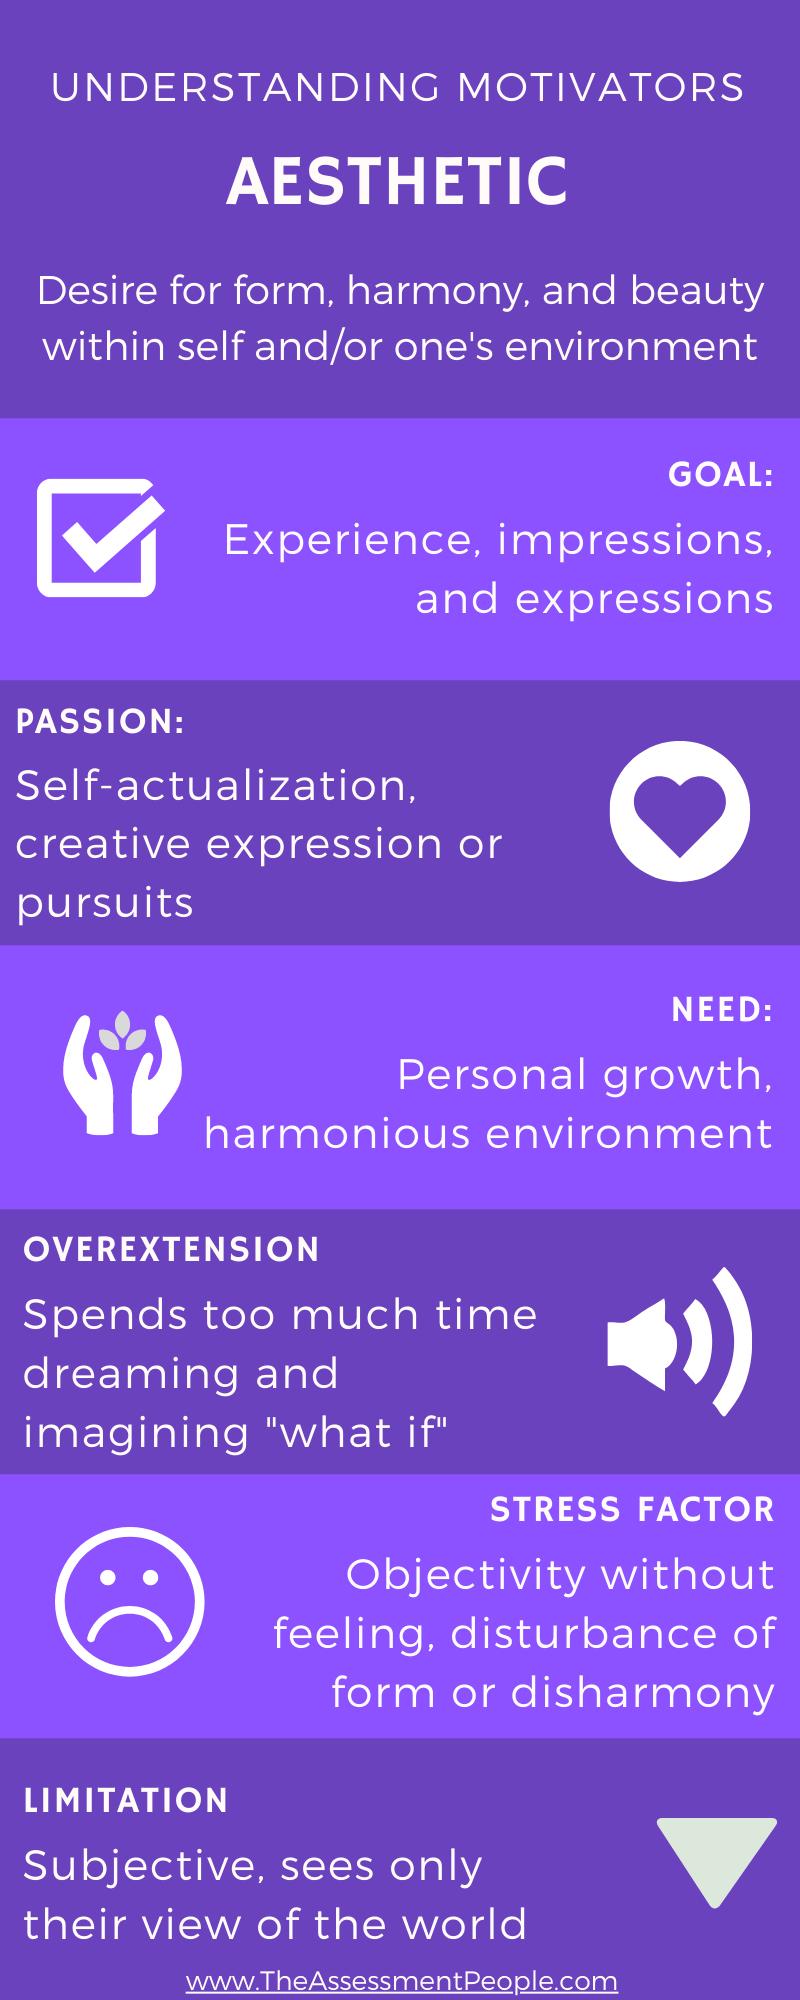 Understanding Aesthetic